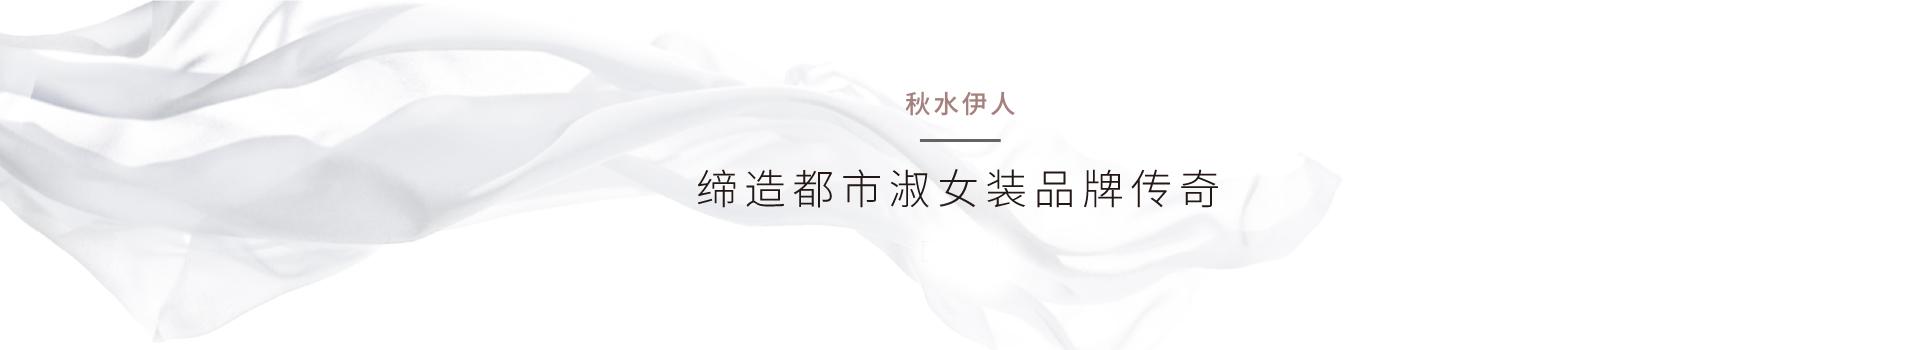 上海品牌策划公司确立秋水伊人需定义服装品牌风格获得用户认同策划案例